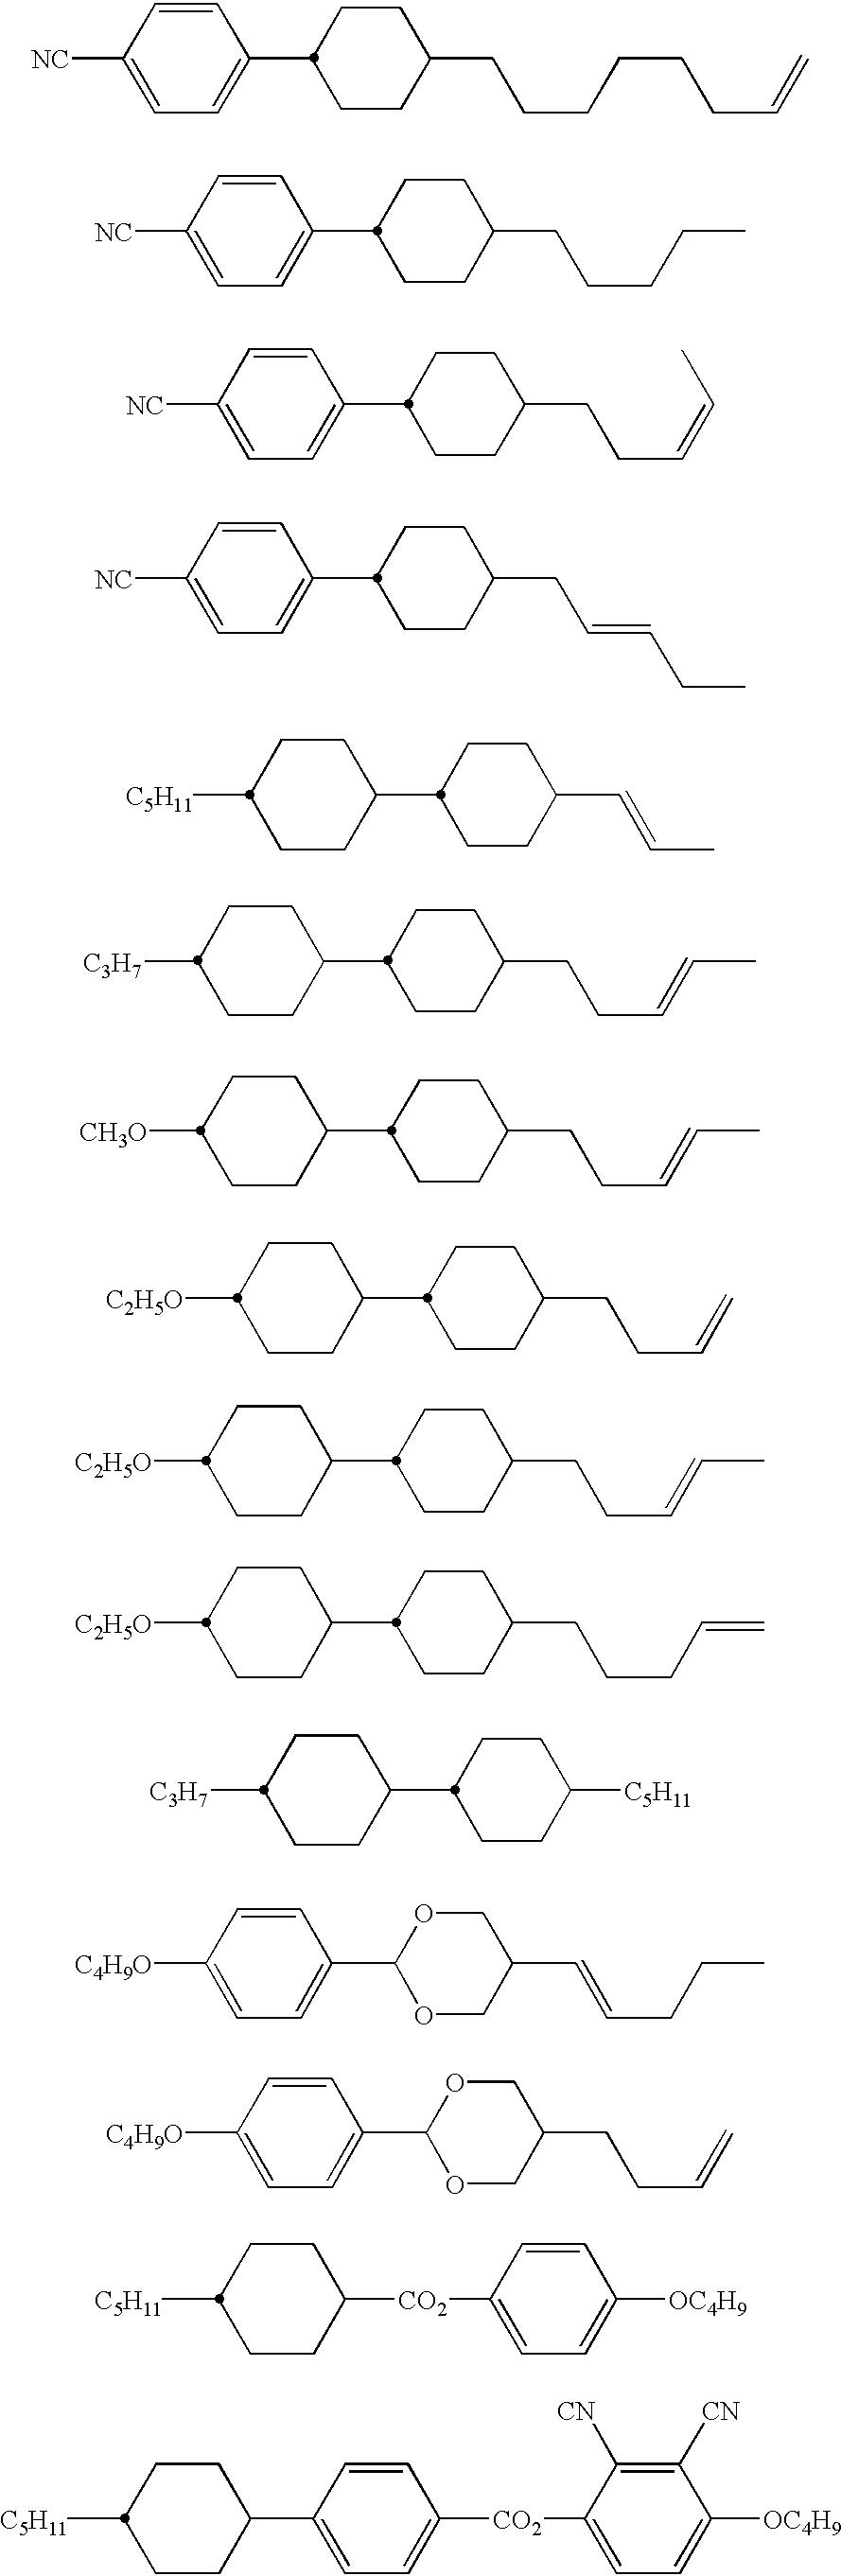 Figure US06580026-20030617-C00009